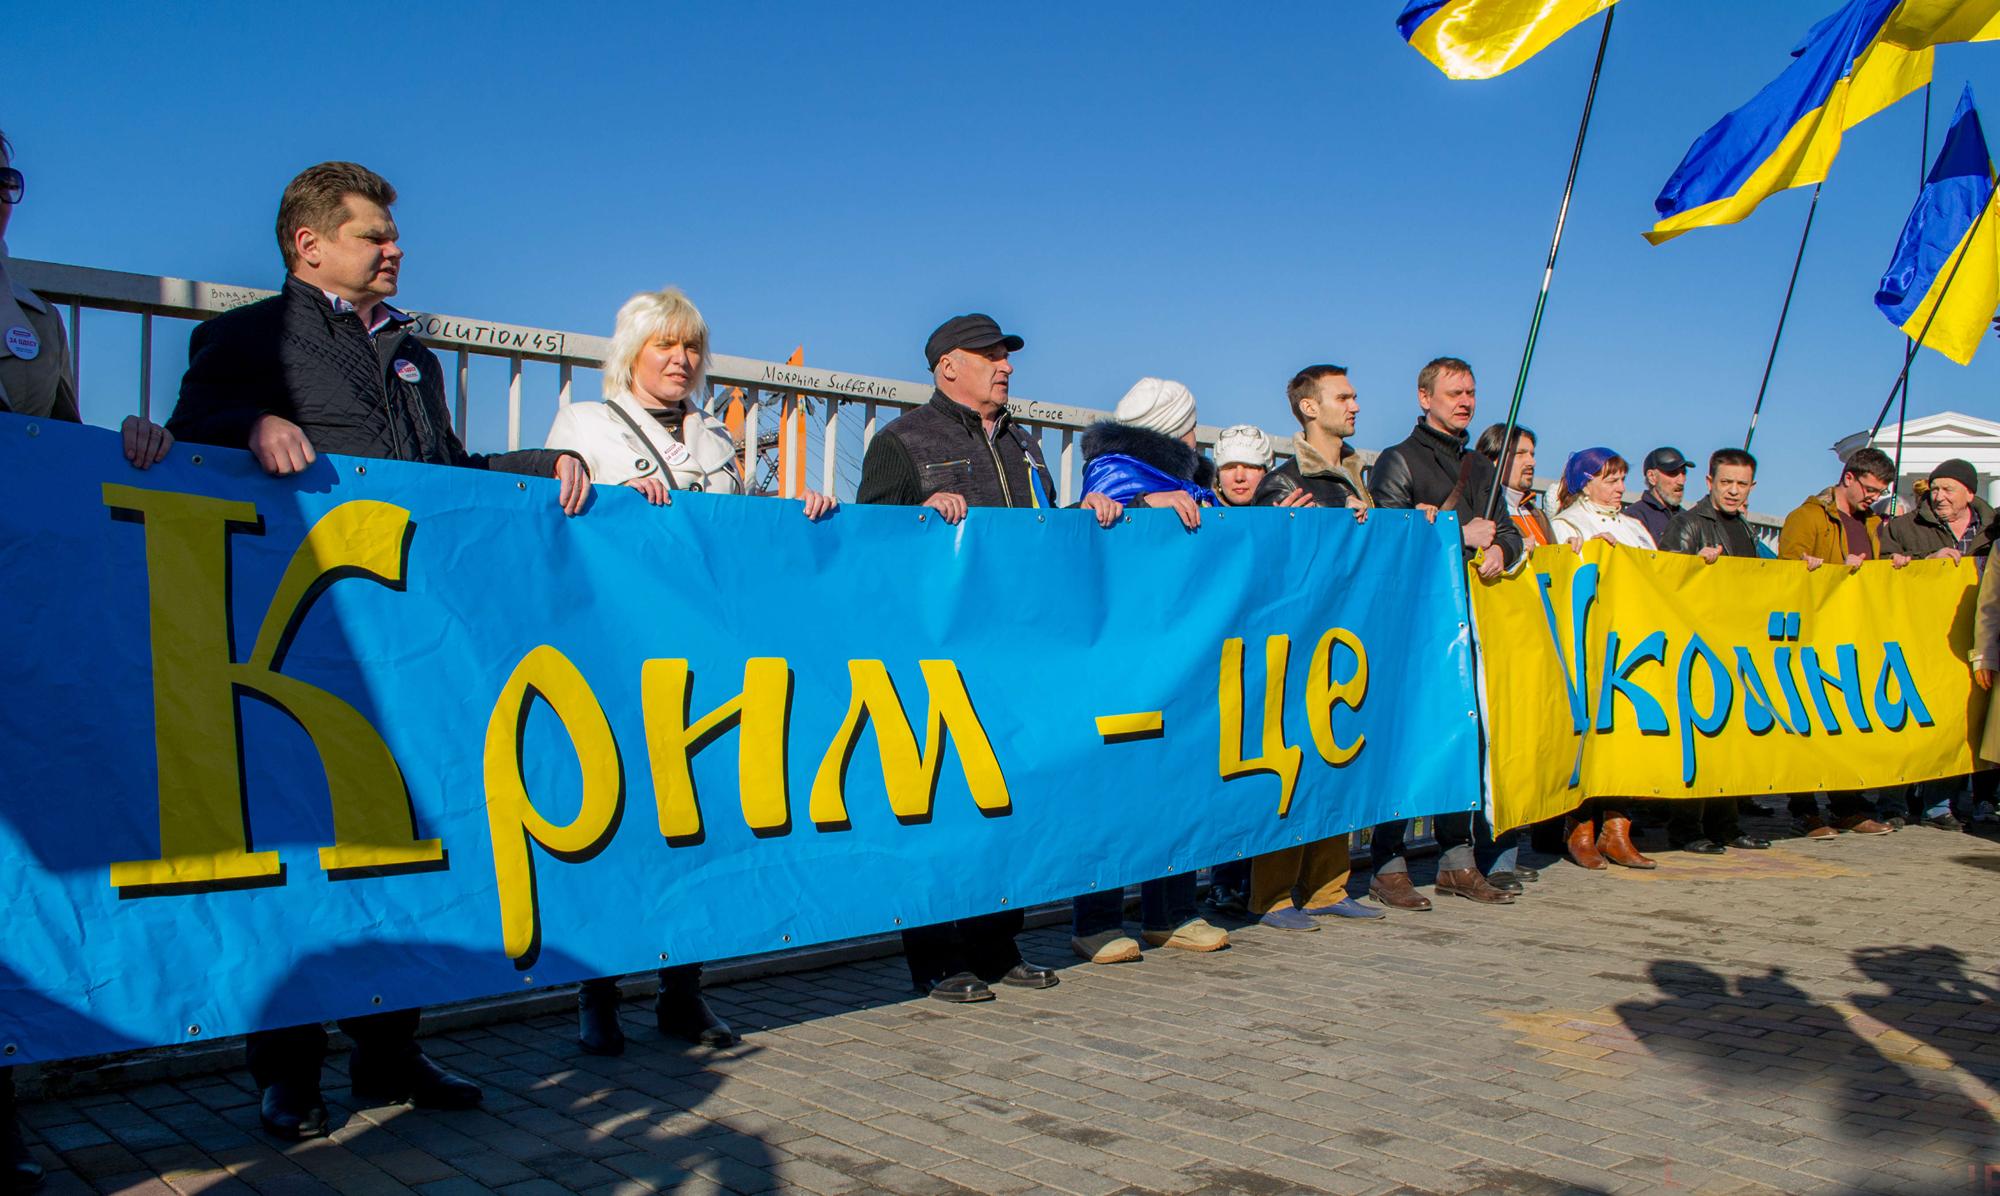 В Крыму будут говорить на украинском и почитать памятники Бандере – новый законопроект внесён в Раду